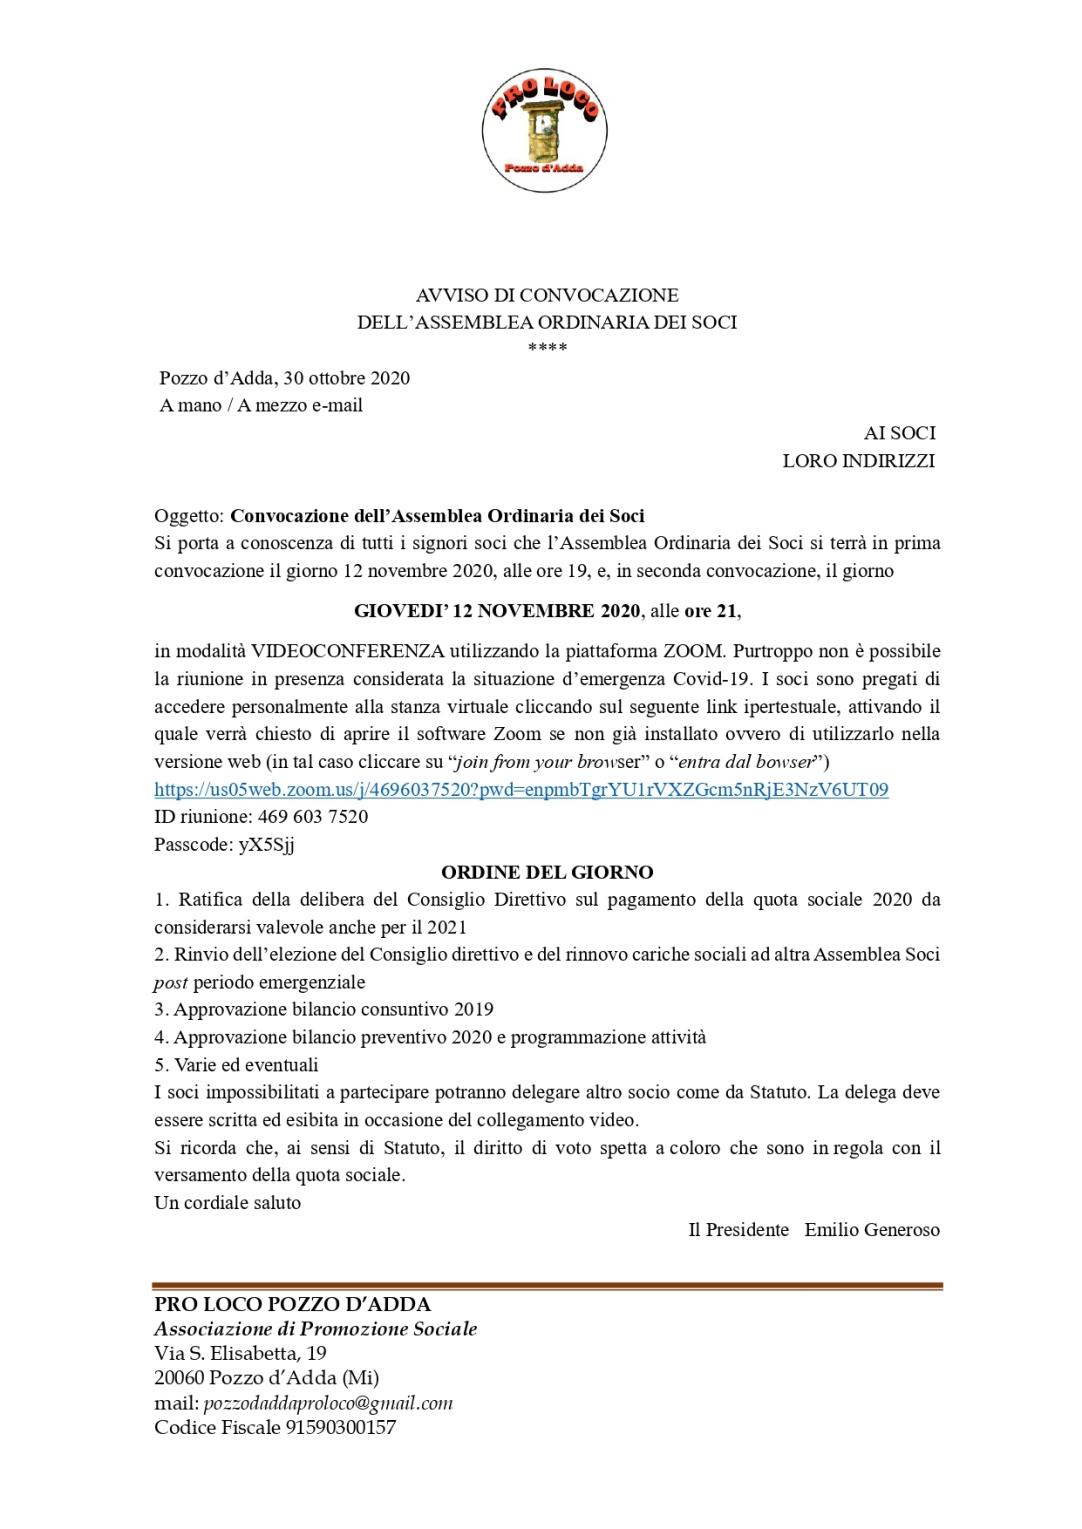 AVVISO DI CONVOCAZIONE assemblea soci 2020 (1)_page-0001